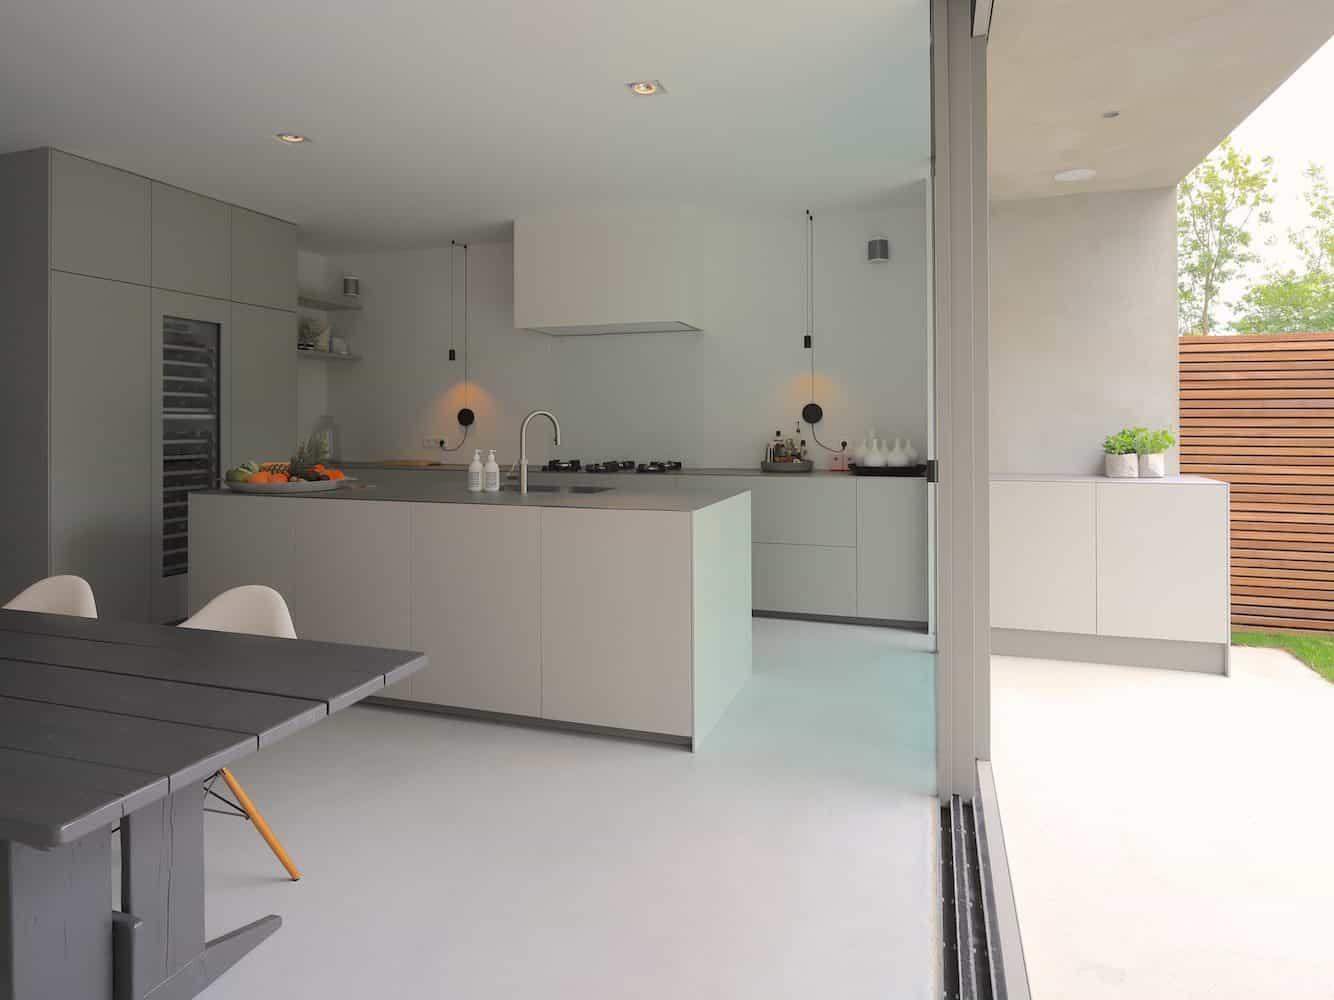 Keuken met buitenkeuken